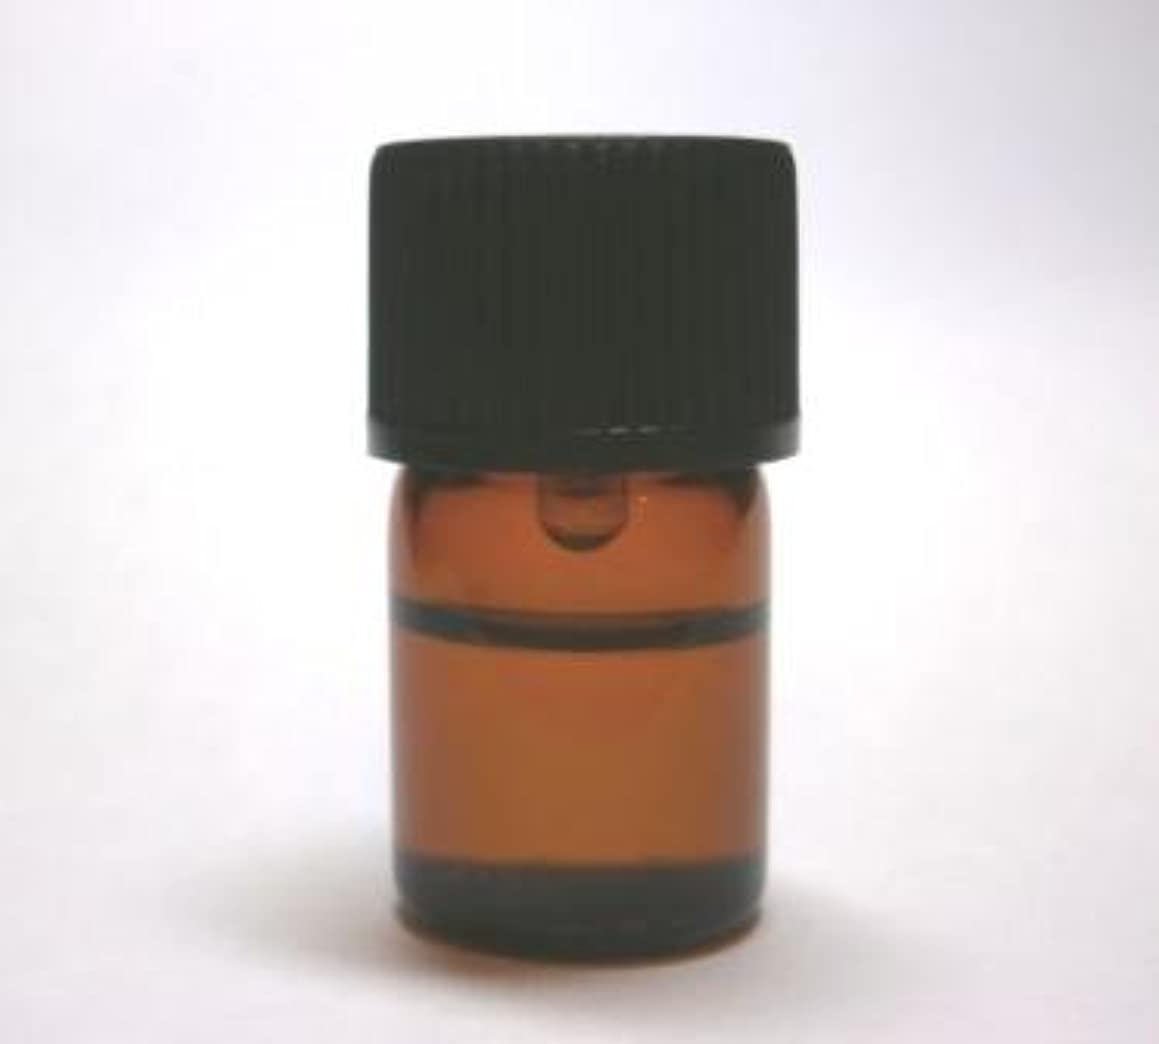 ローズ公爵植生ローズabsアブソリュート100%:3ml /ローズエッセンシャルオイル/ローズ精油/ローズオイル